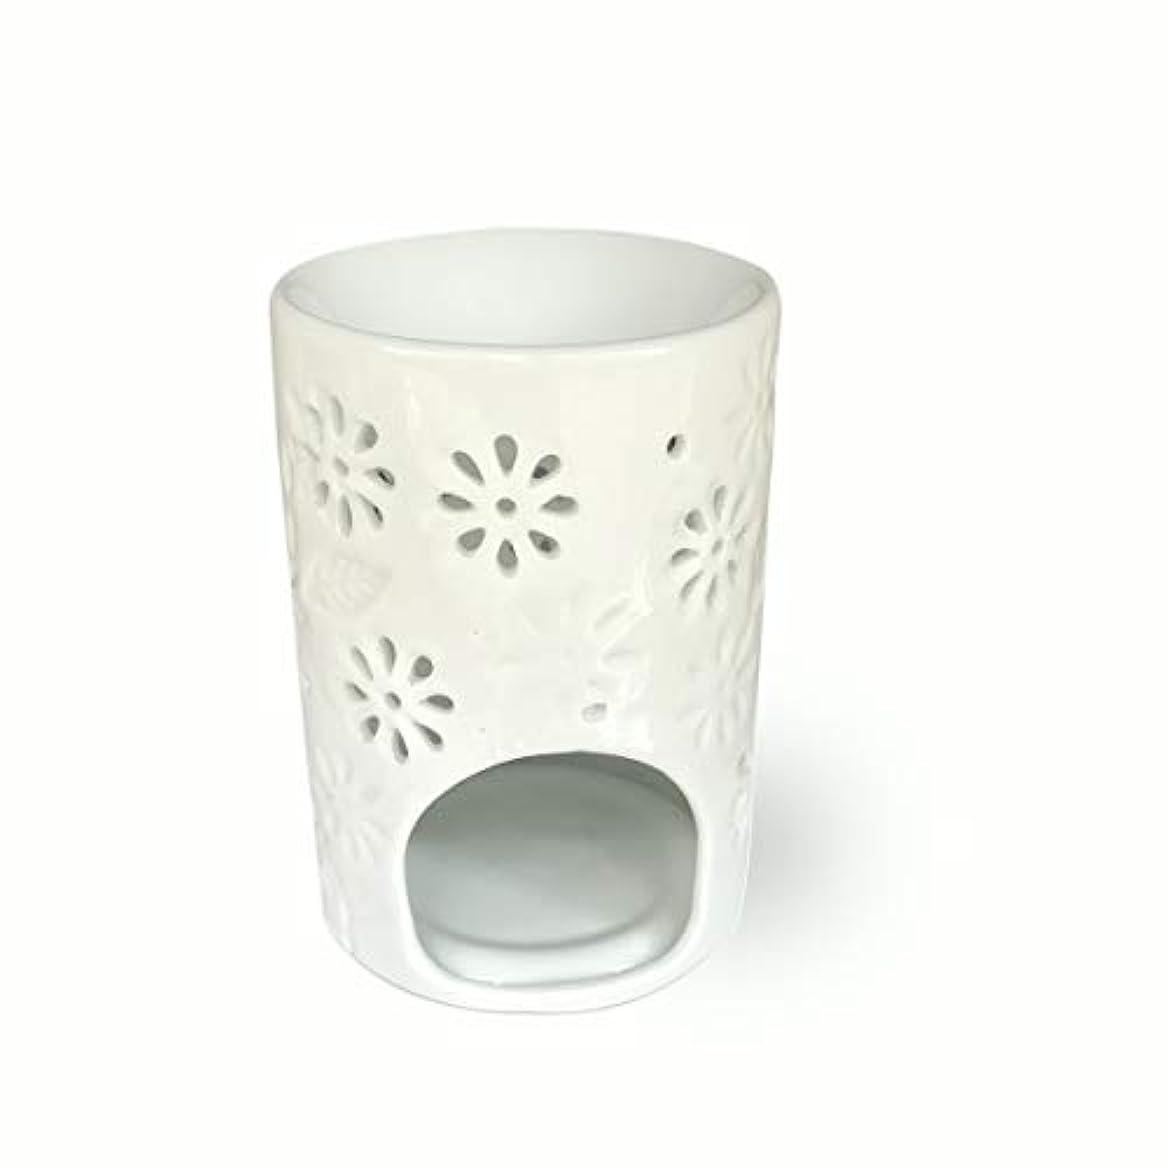 外観じゃがいも神聖(Vase Shaped) - ToiM Milk White Ceramic Hollowing Floral Aroma Lamp Candle Warmers Fragrance Warmer Oil Diffuser...